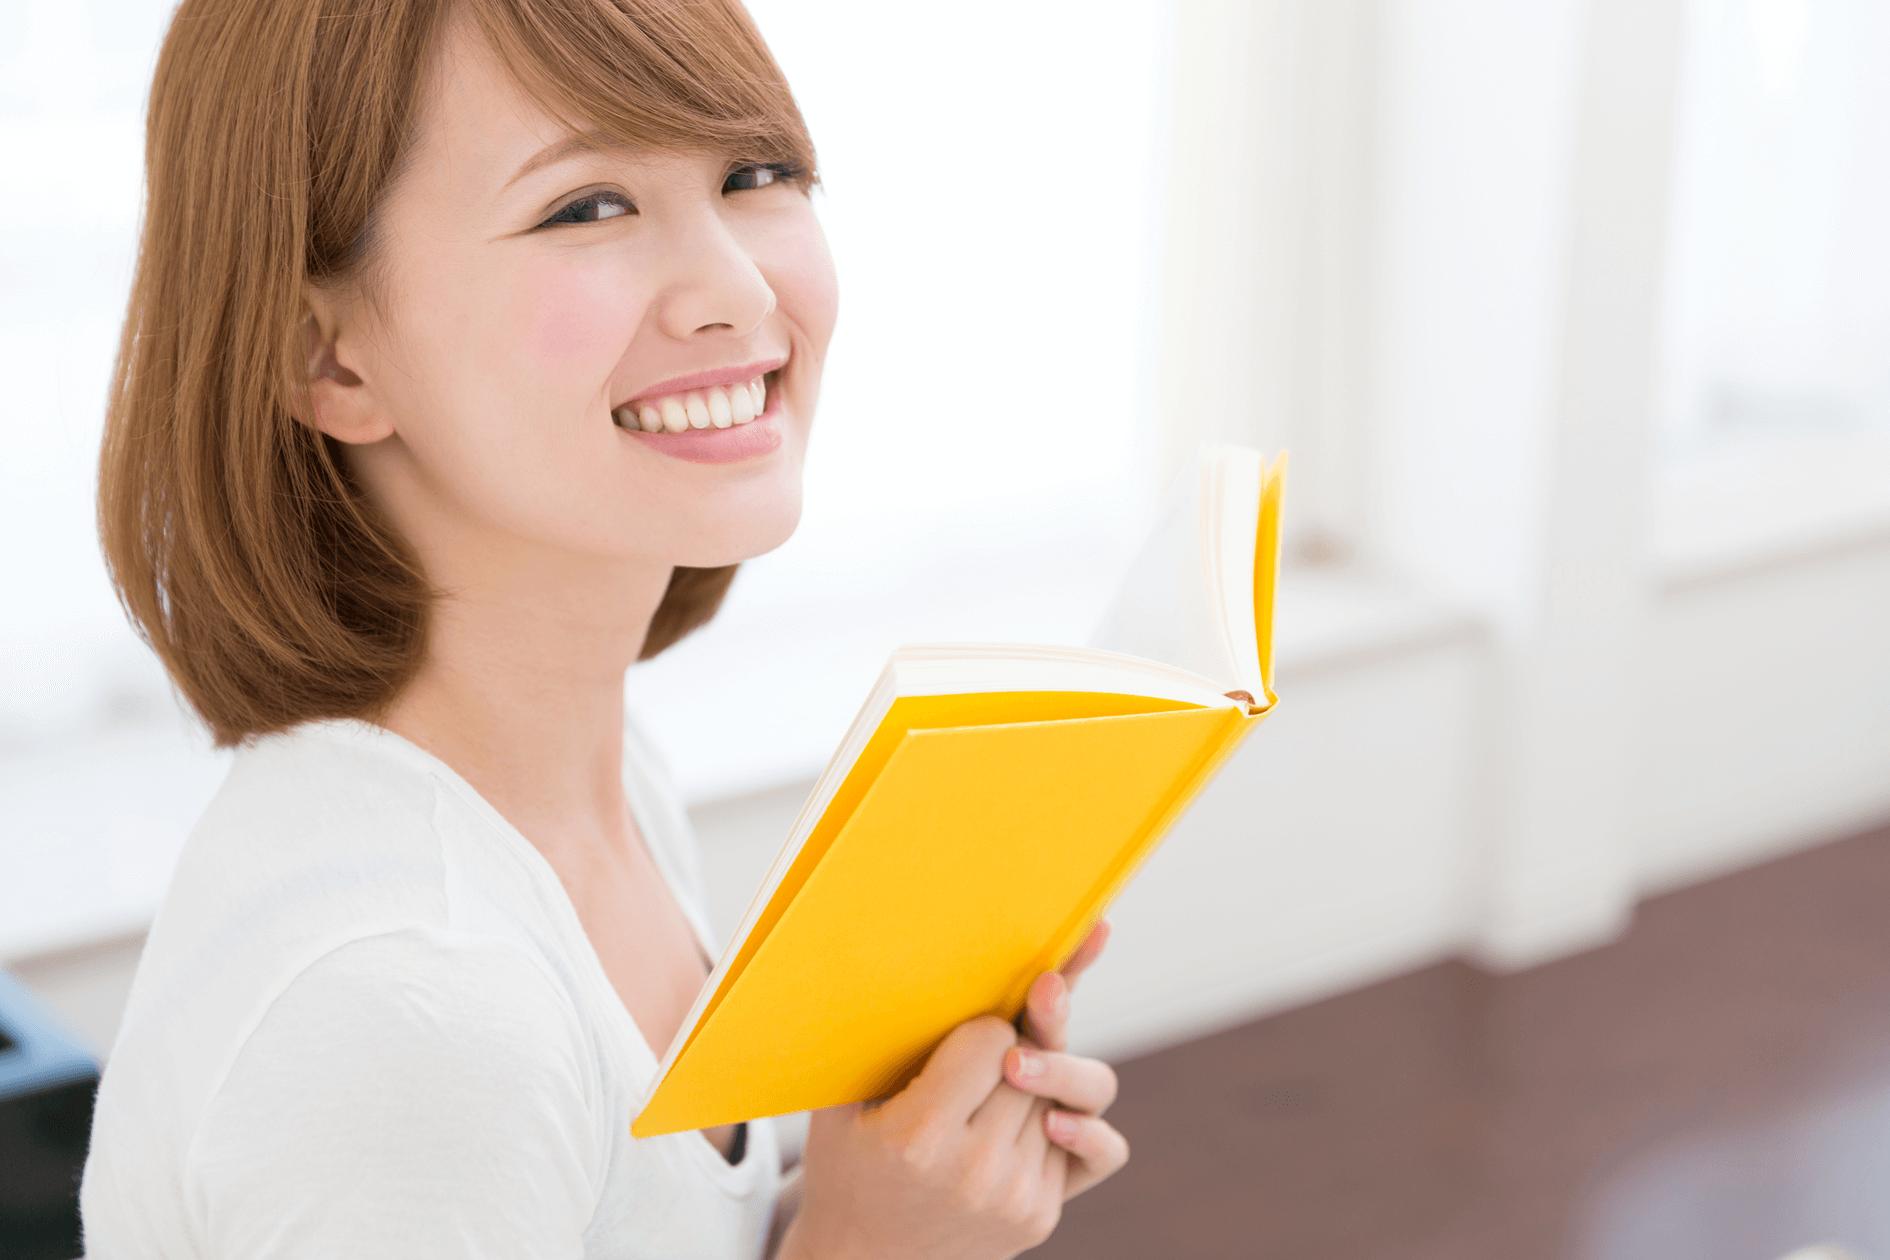 まずはこれを読もう!HTMLが学べるおすすめ書籍10冊総まとめ